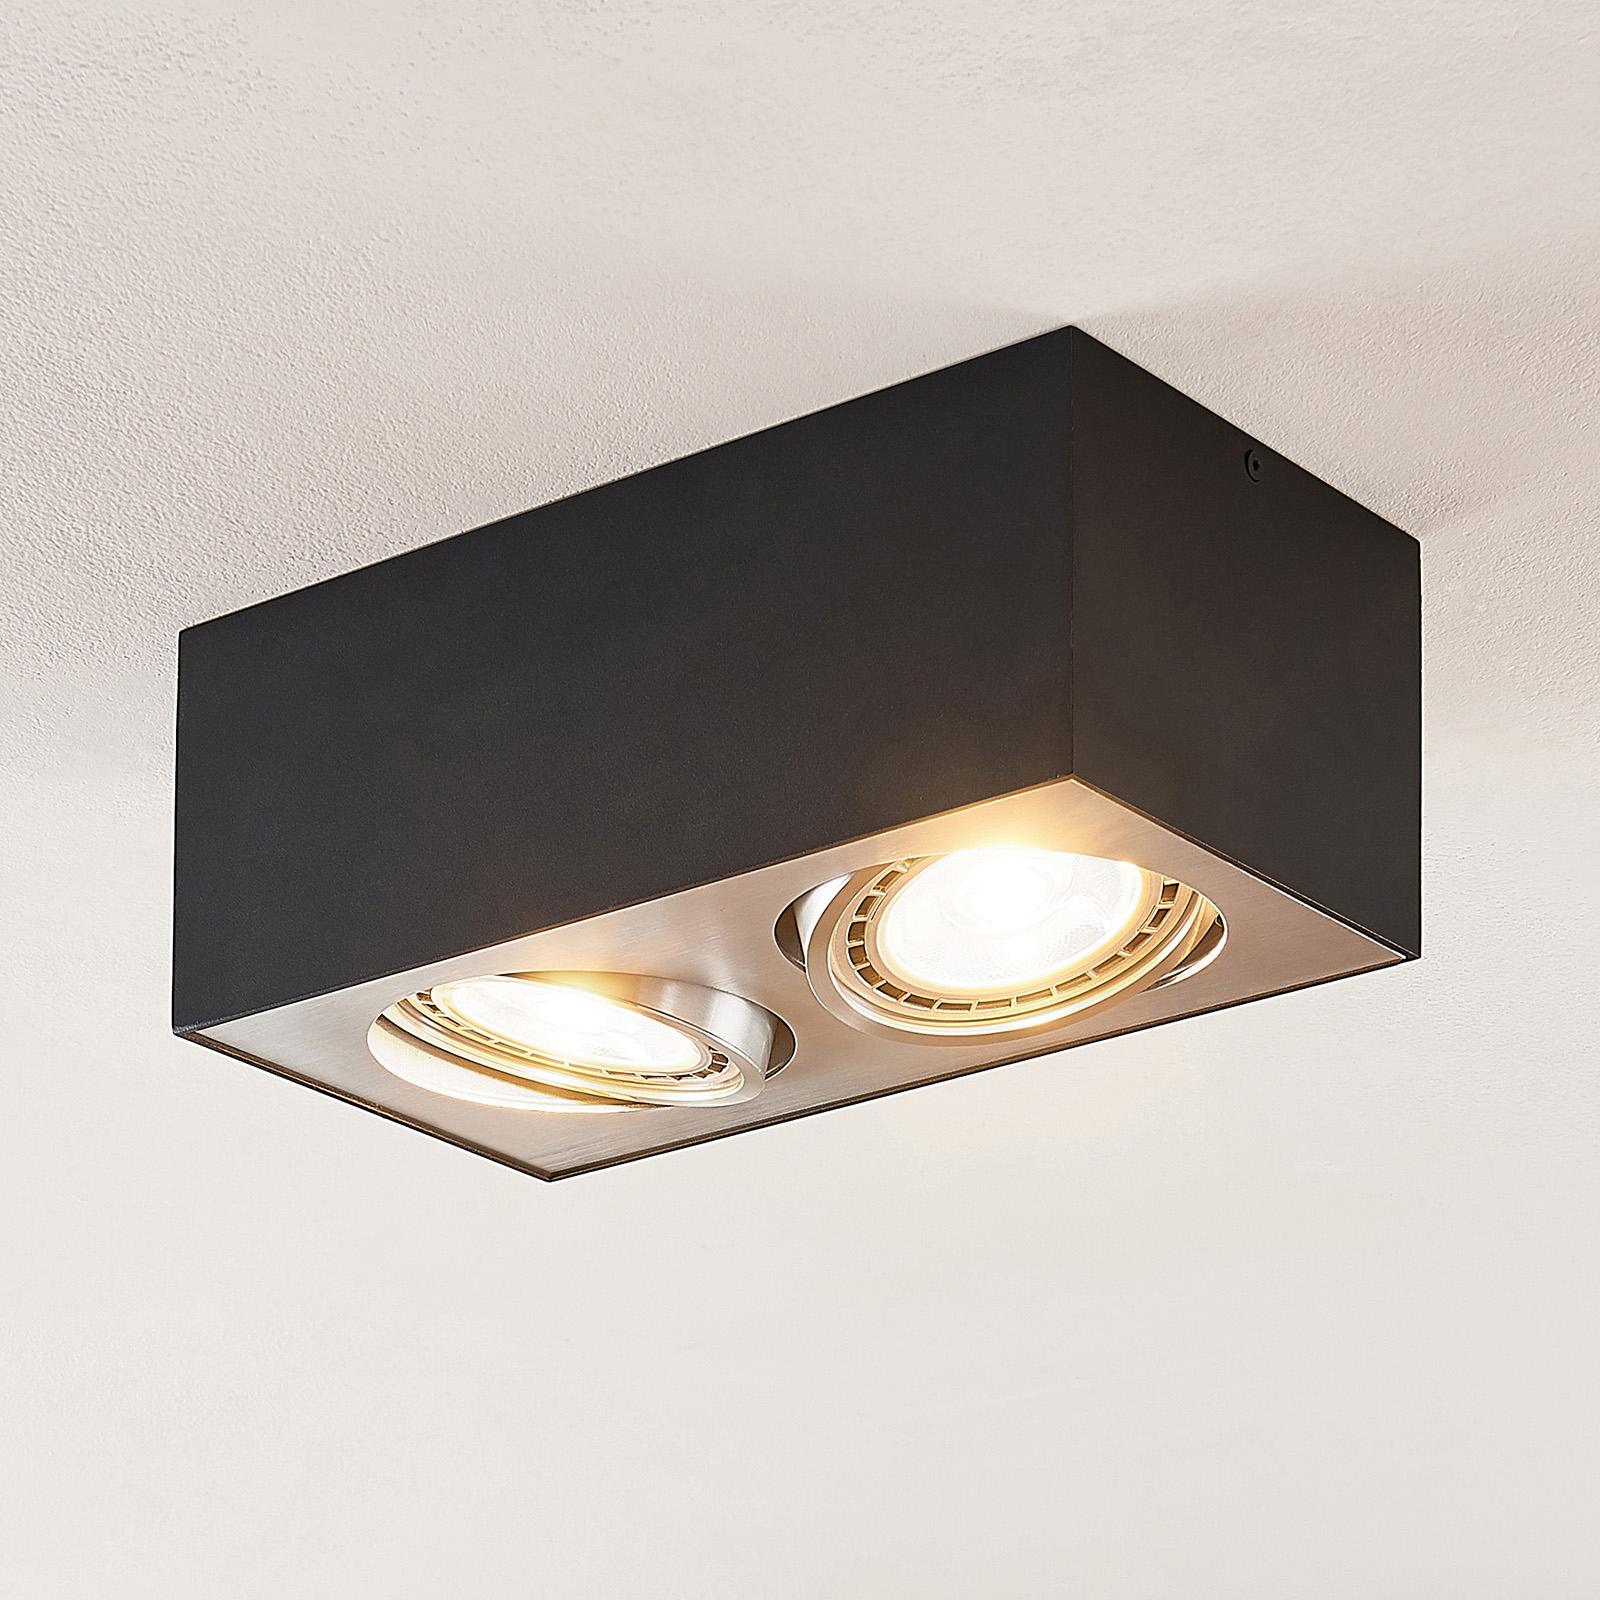 Arcchio Dwight lampa sufitowa LED czarna, 2-pkt.